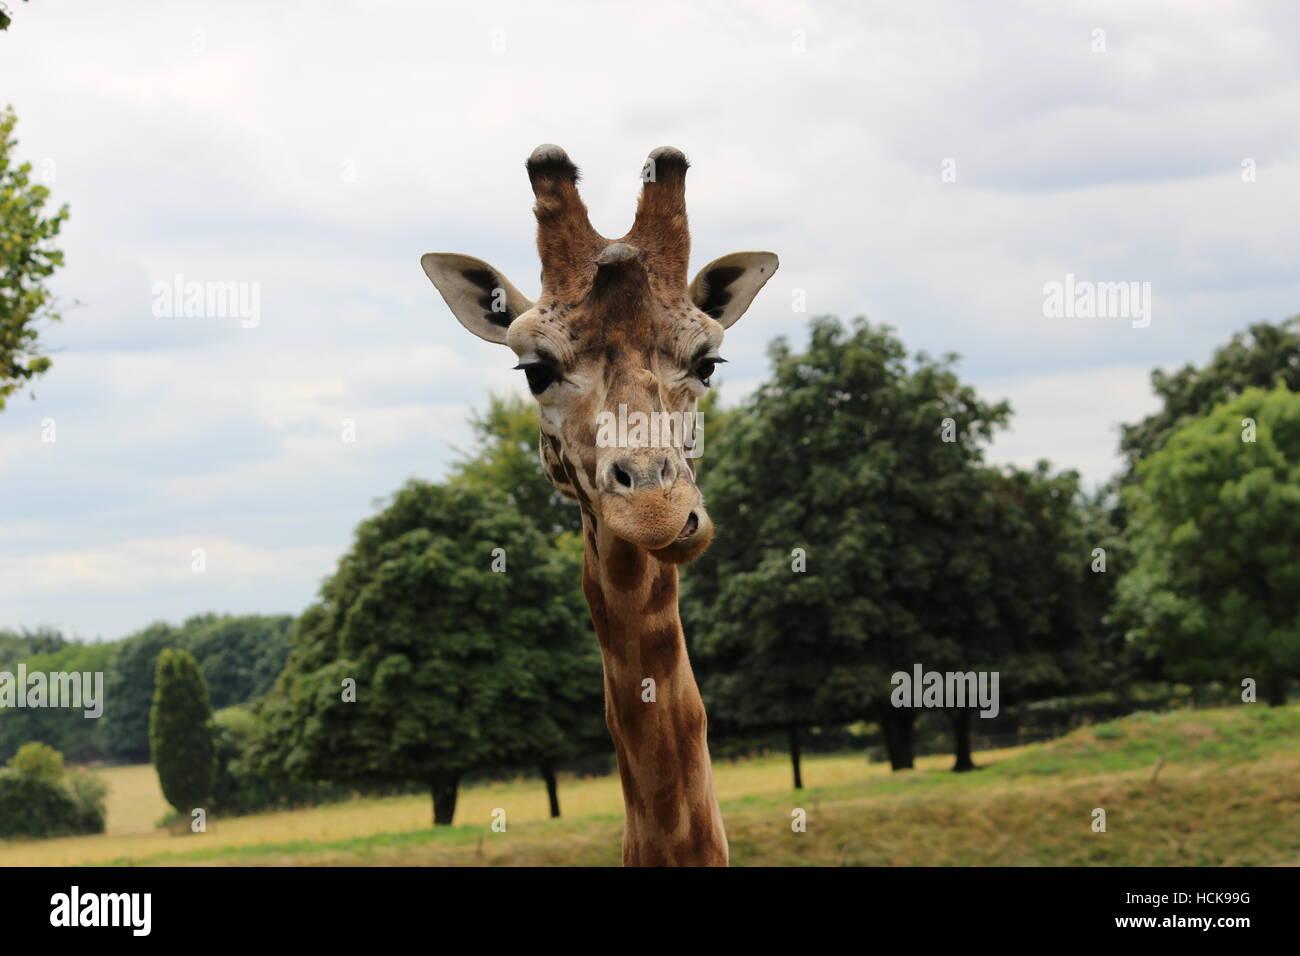 Portrait de girafe Cotswold Wildlife Park Le jeune adolescent fier de parler tête headshot Photo Stock